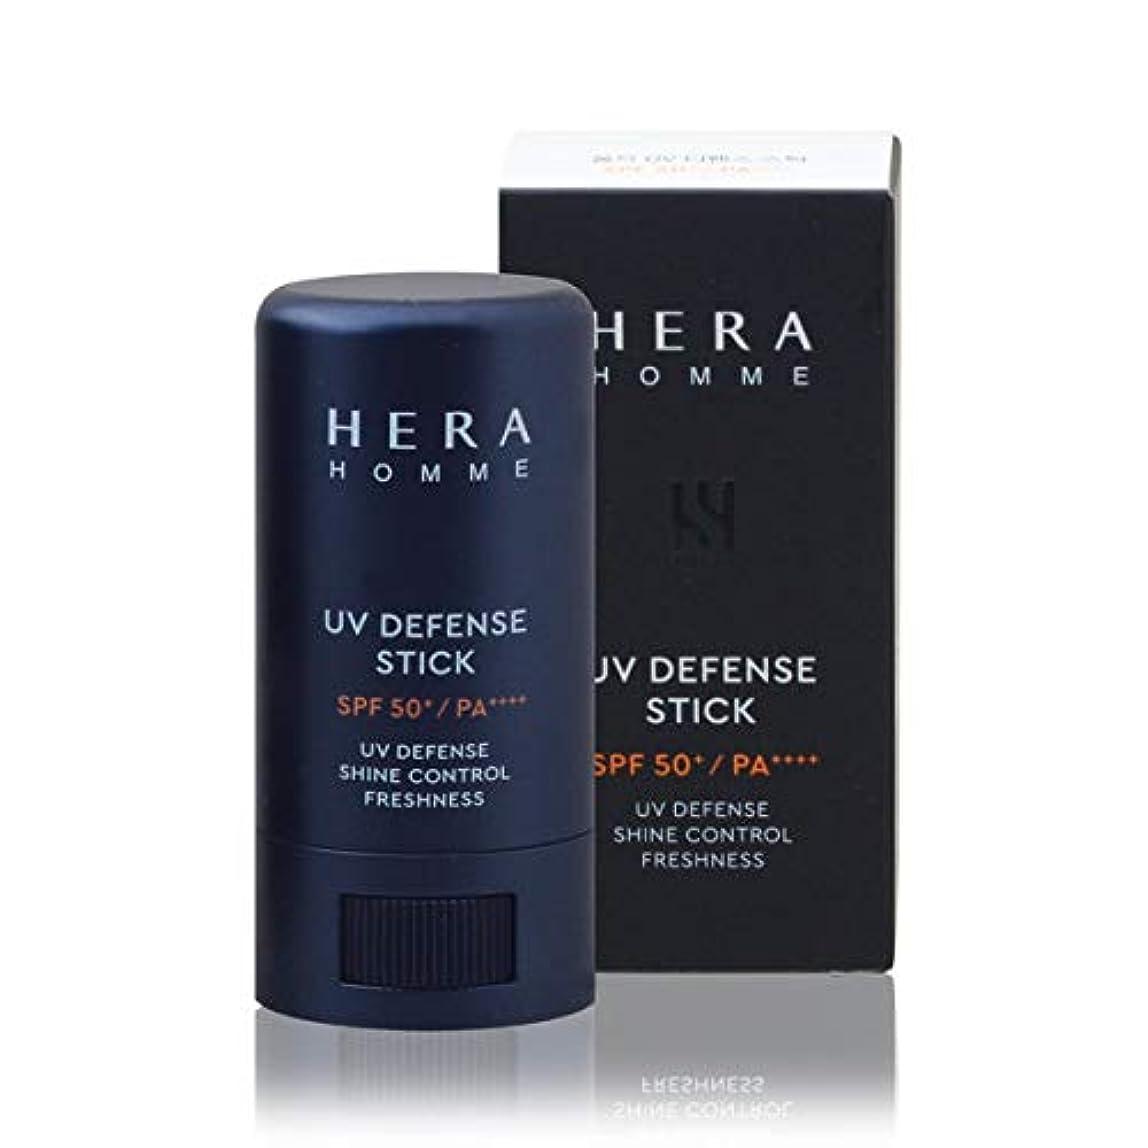 ハウジングラジエーター分類HERA【ヘラ】オム ディフェンススティック/Homme UV Defense Stick 18g, SPF50+/PA++++